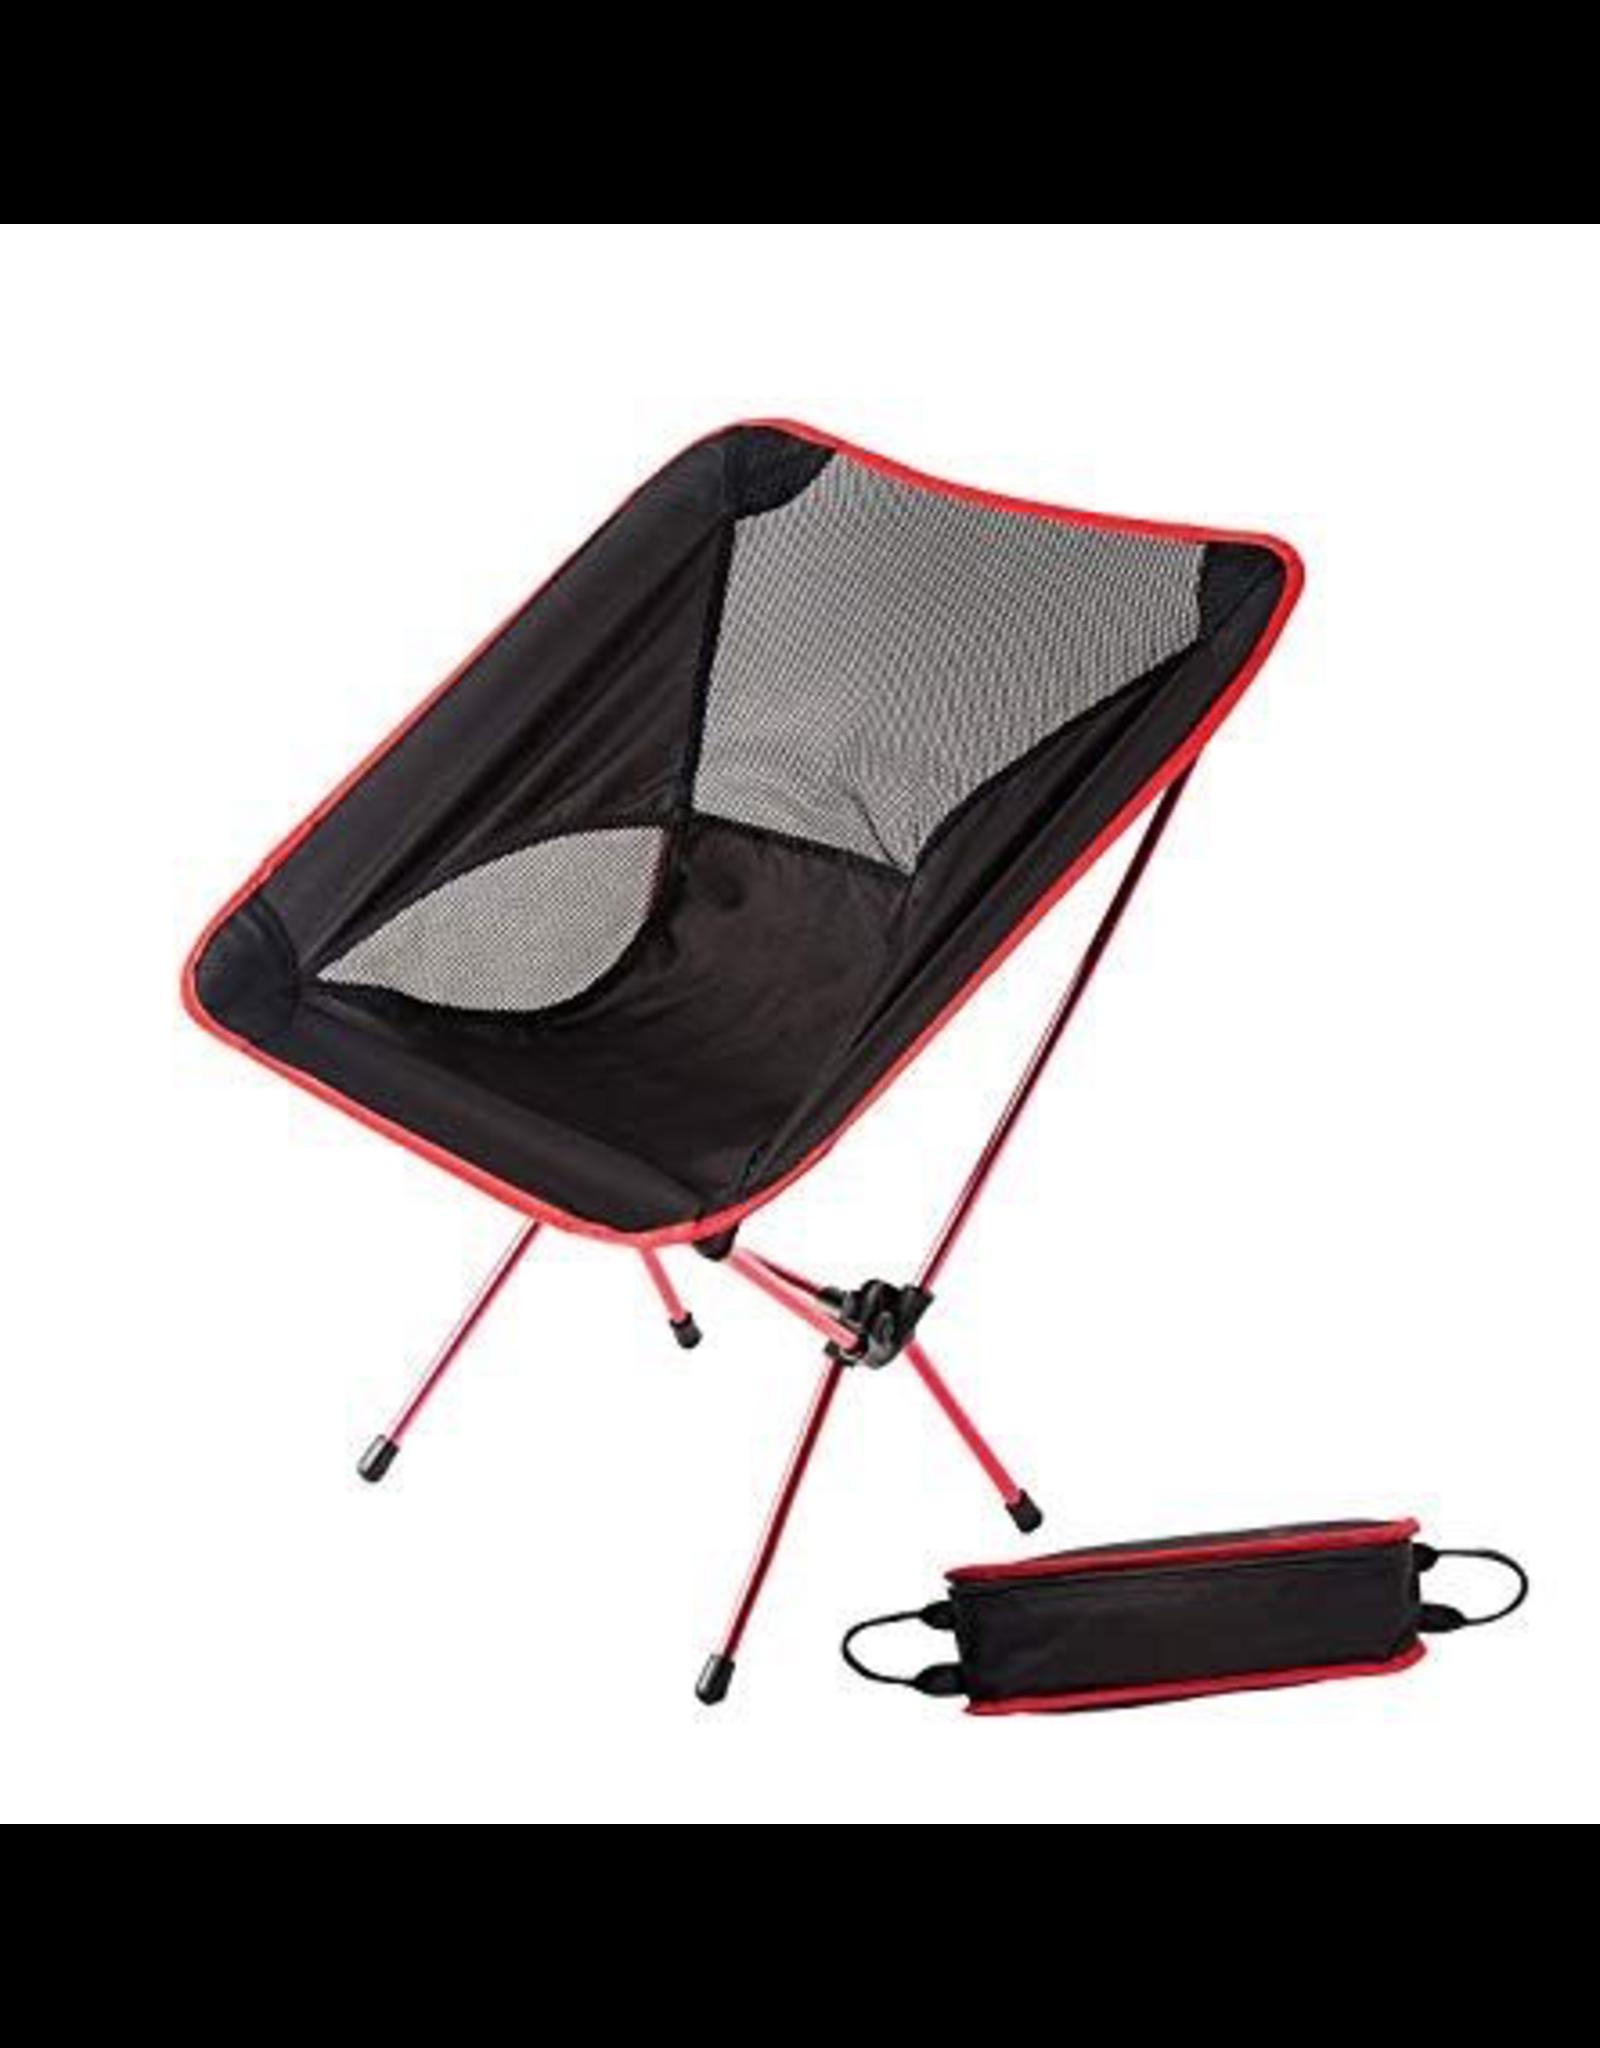 Chinook Chinook All Purpose Chair